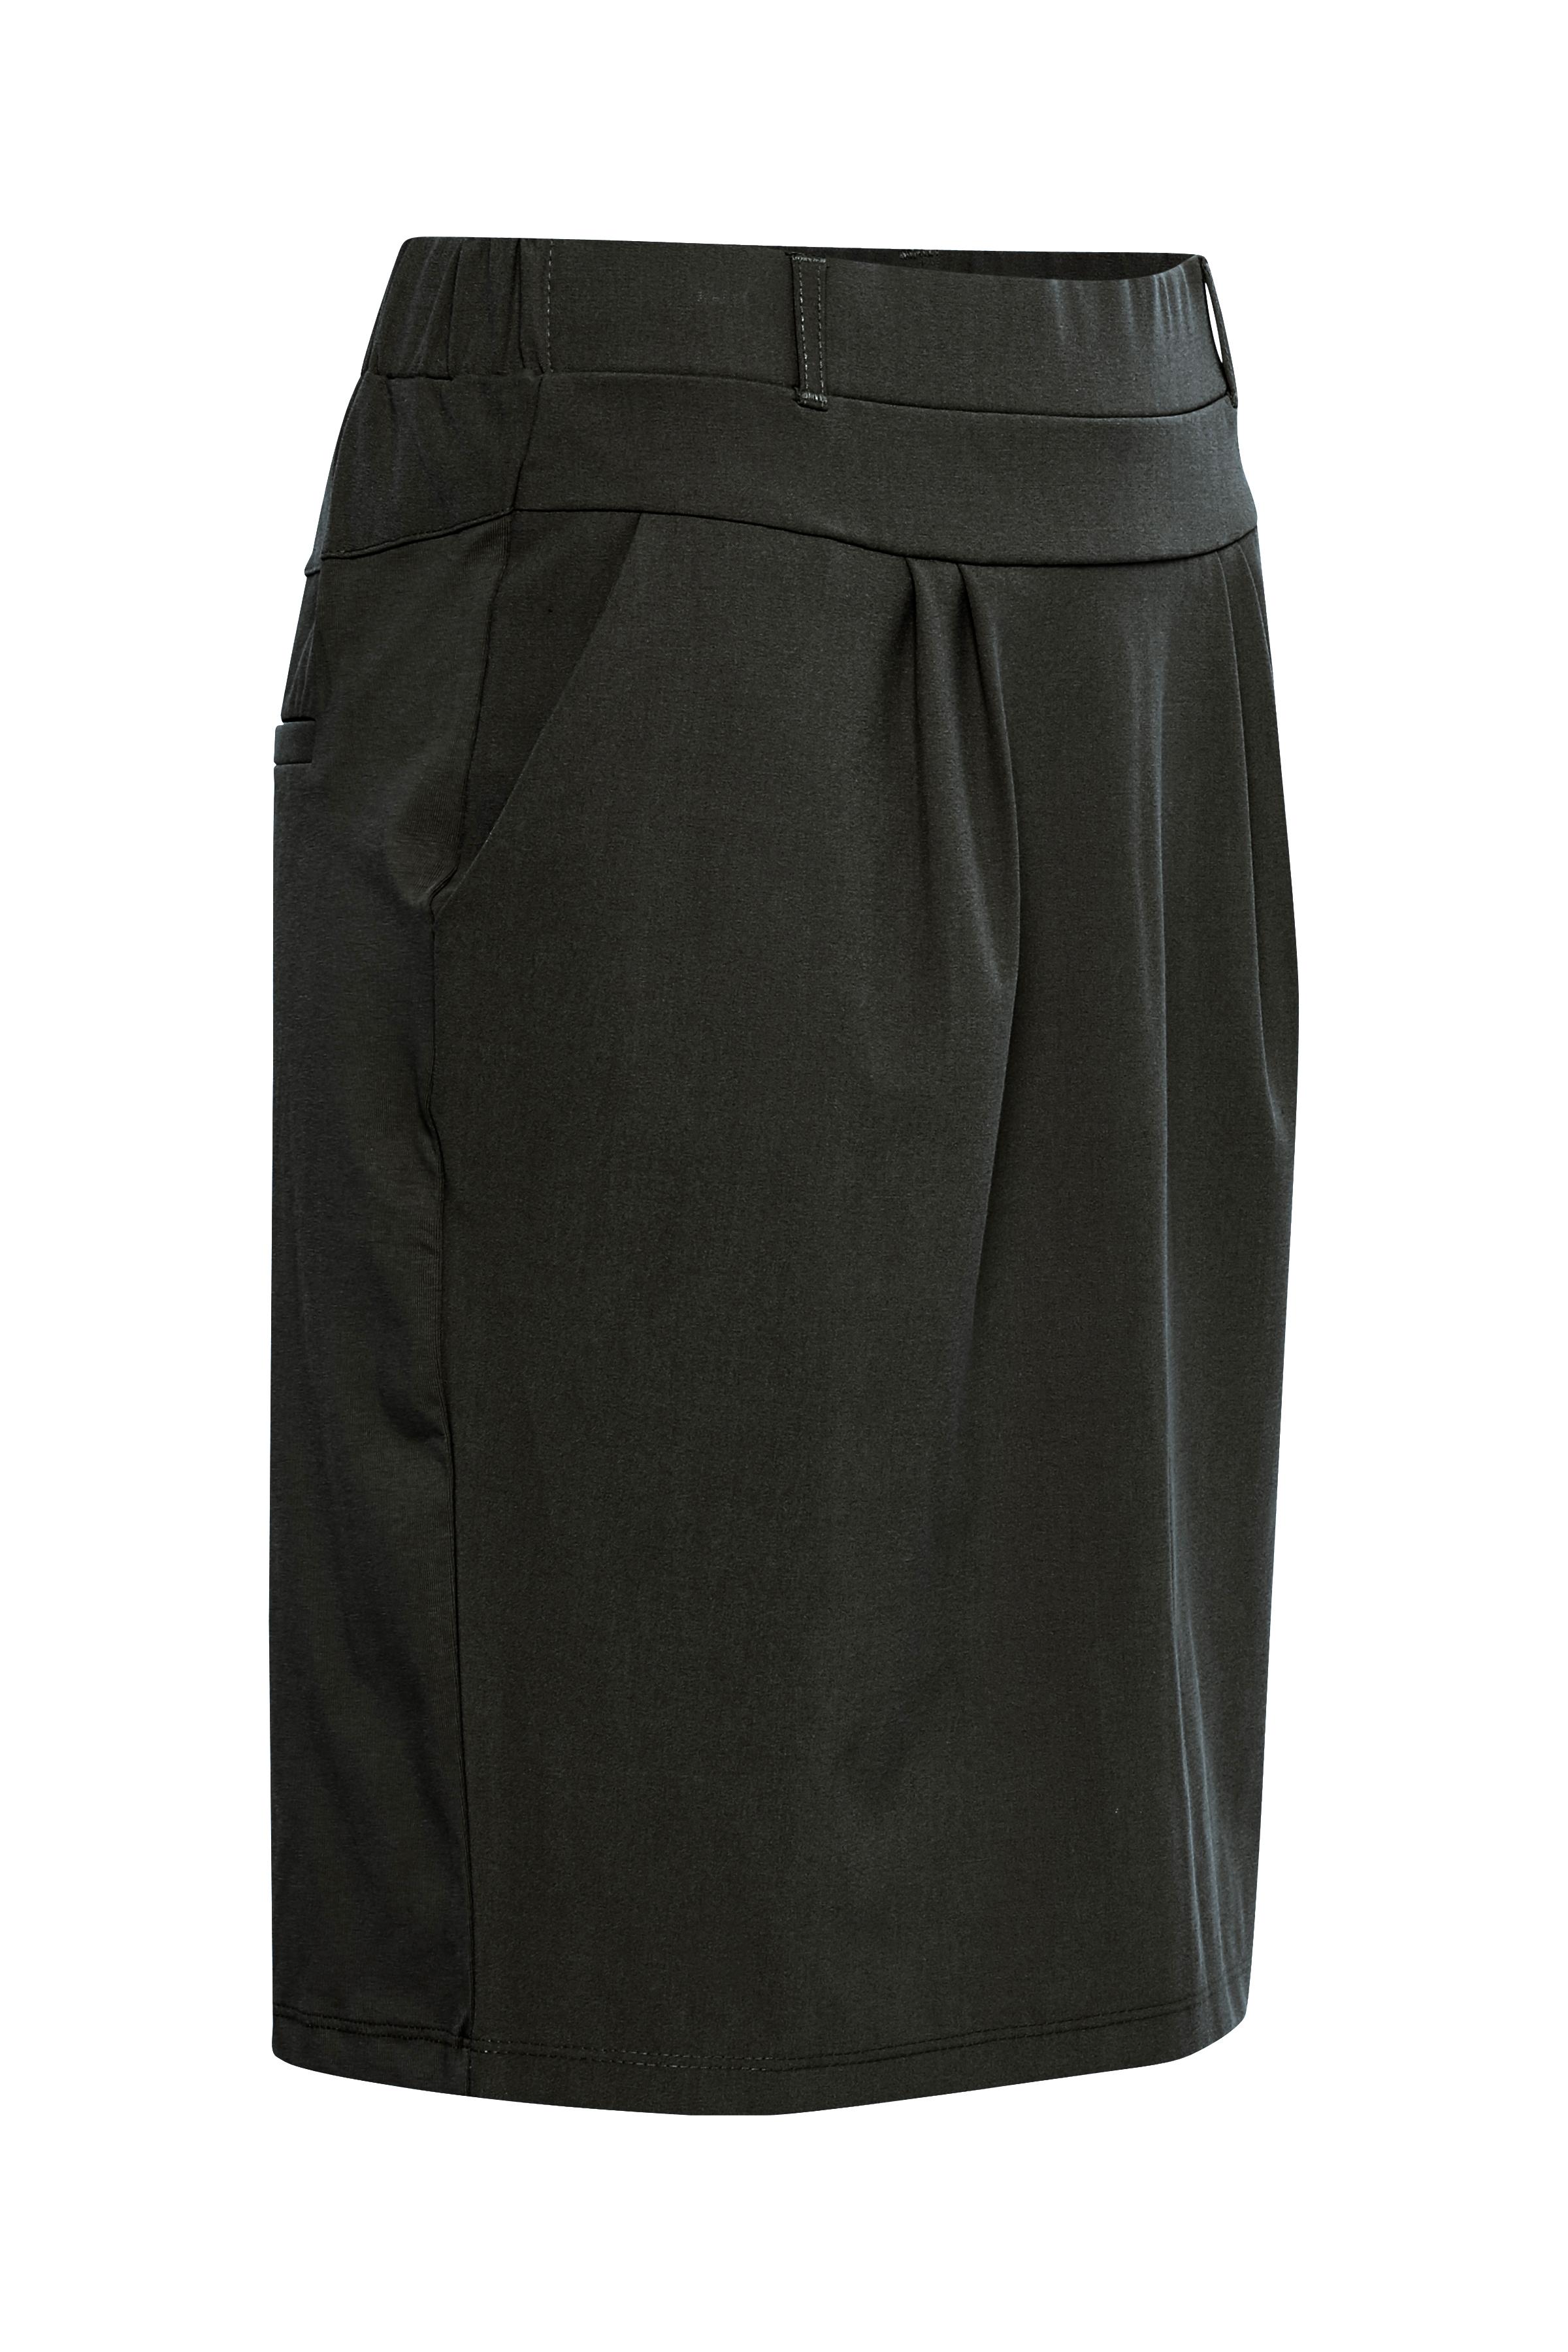 Mørk gråmeleret Nederdel fra Kaffe – Køb Mørk gråmeleret Nederdel fra str. 32-46 her